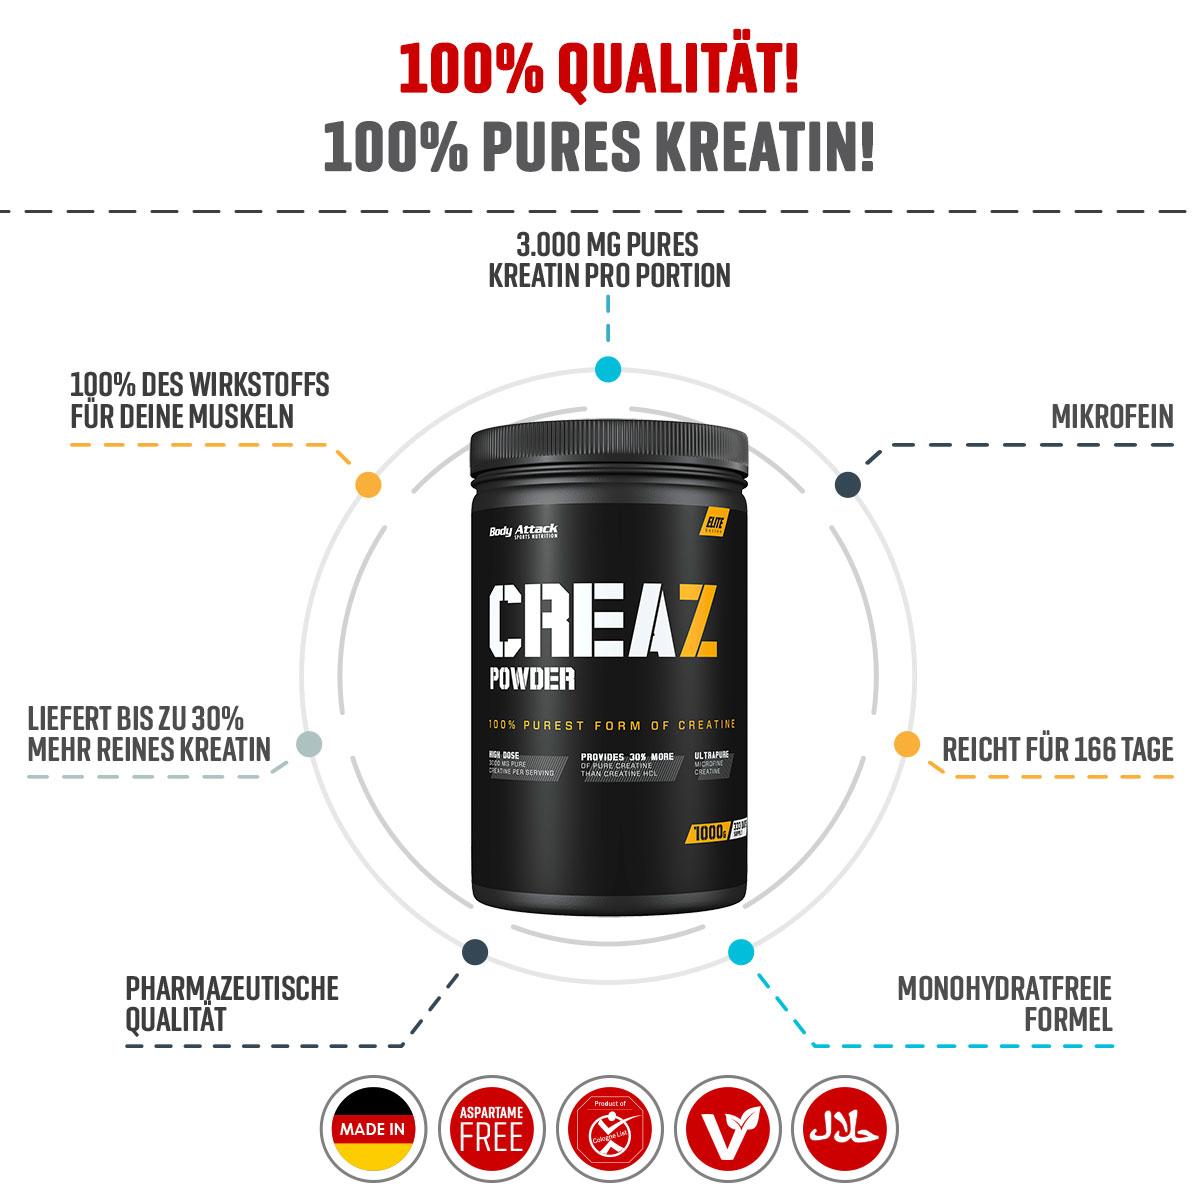 CREAZ Info